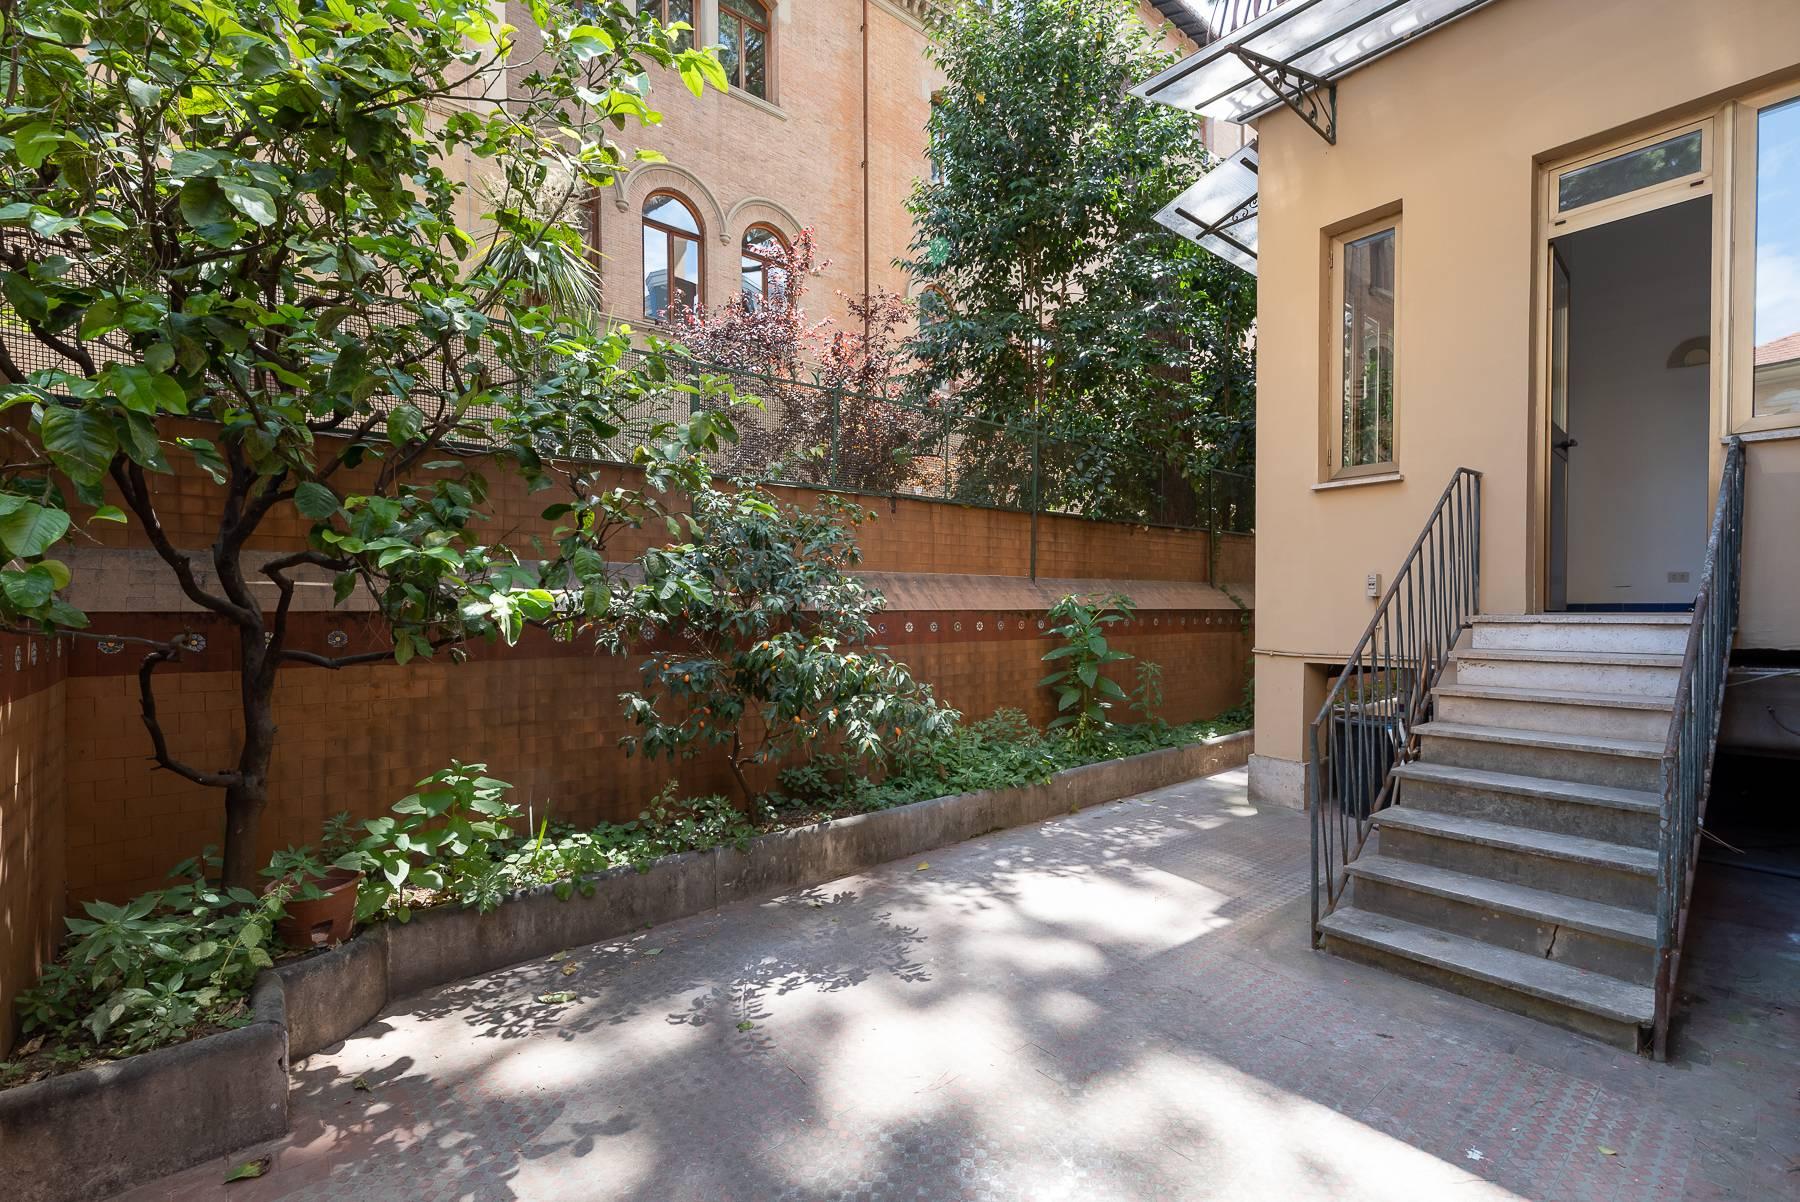 Ufficio-studio in Vendita a Roma: 5 locali, 322 mq - Foto 15